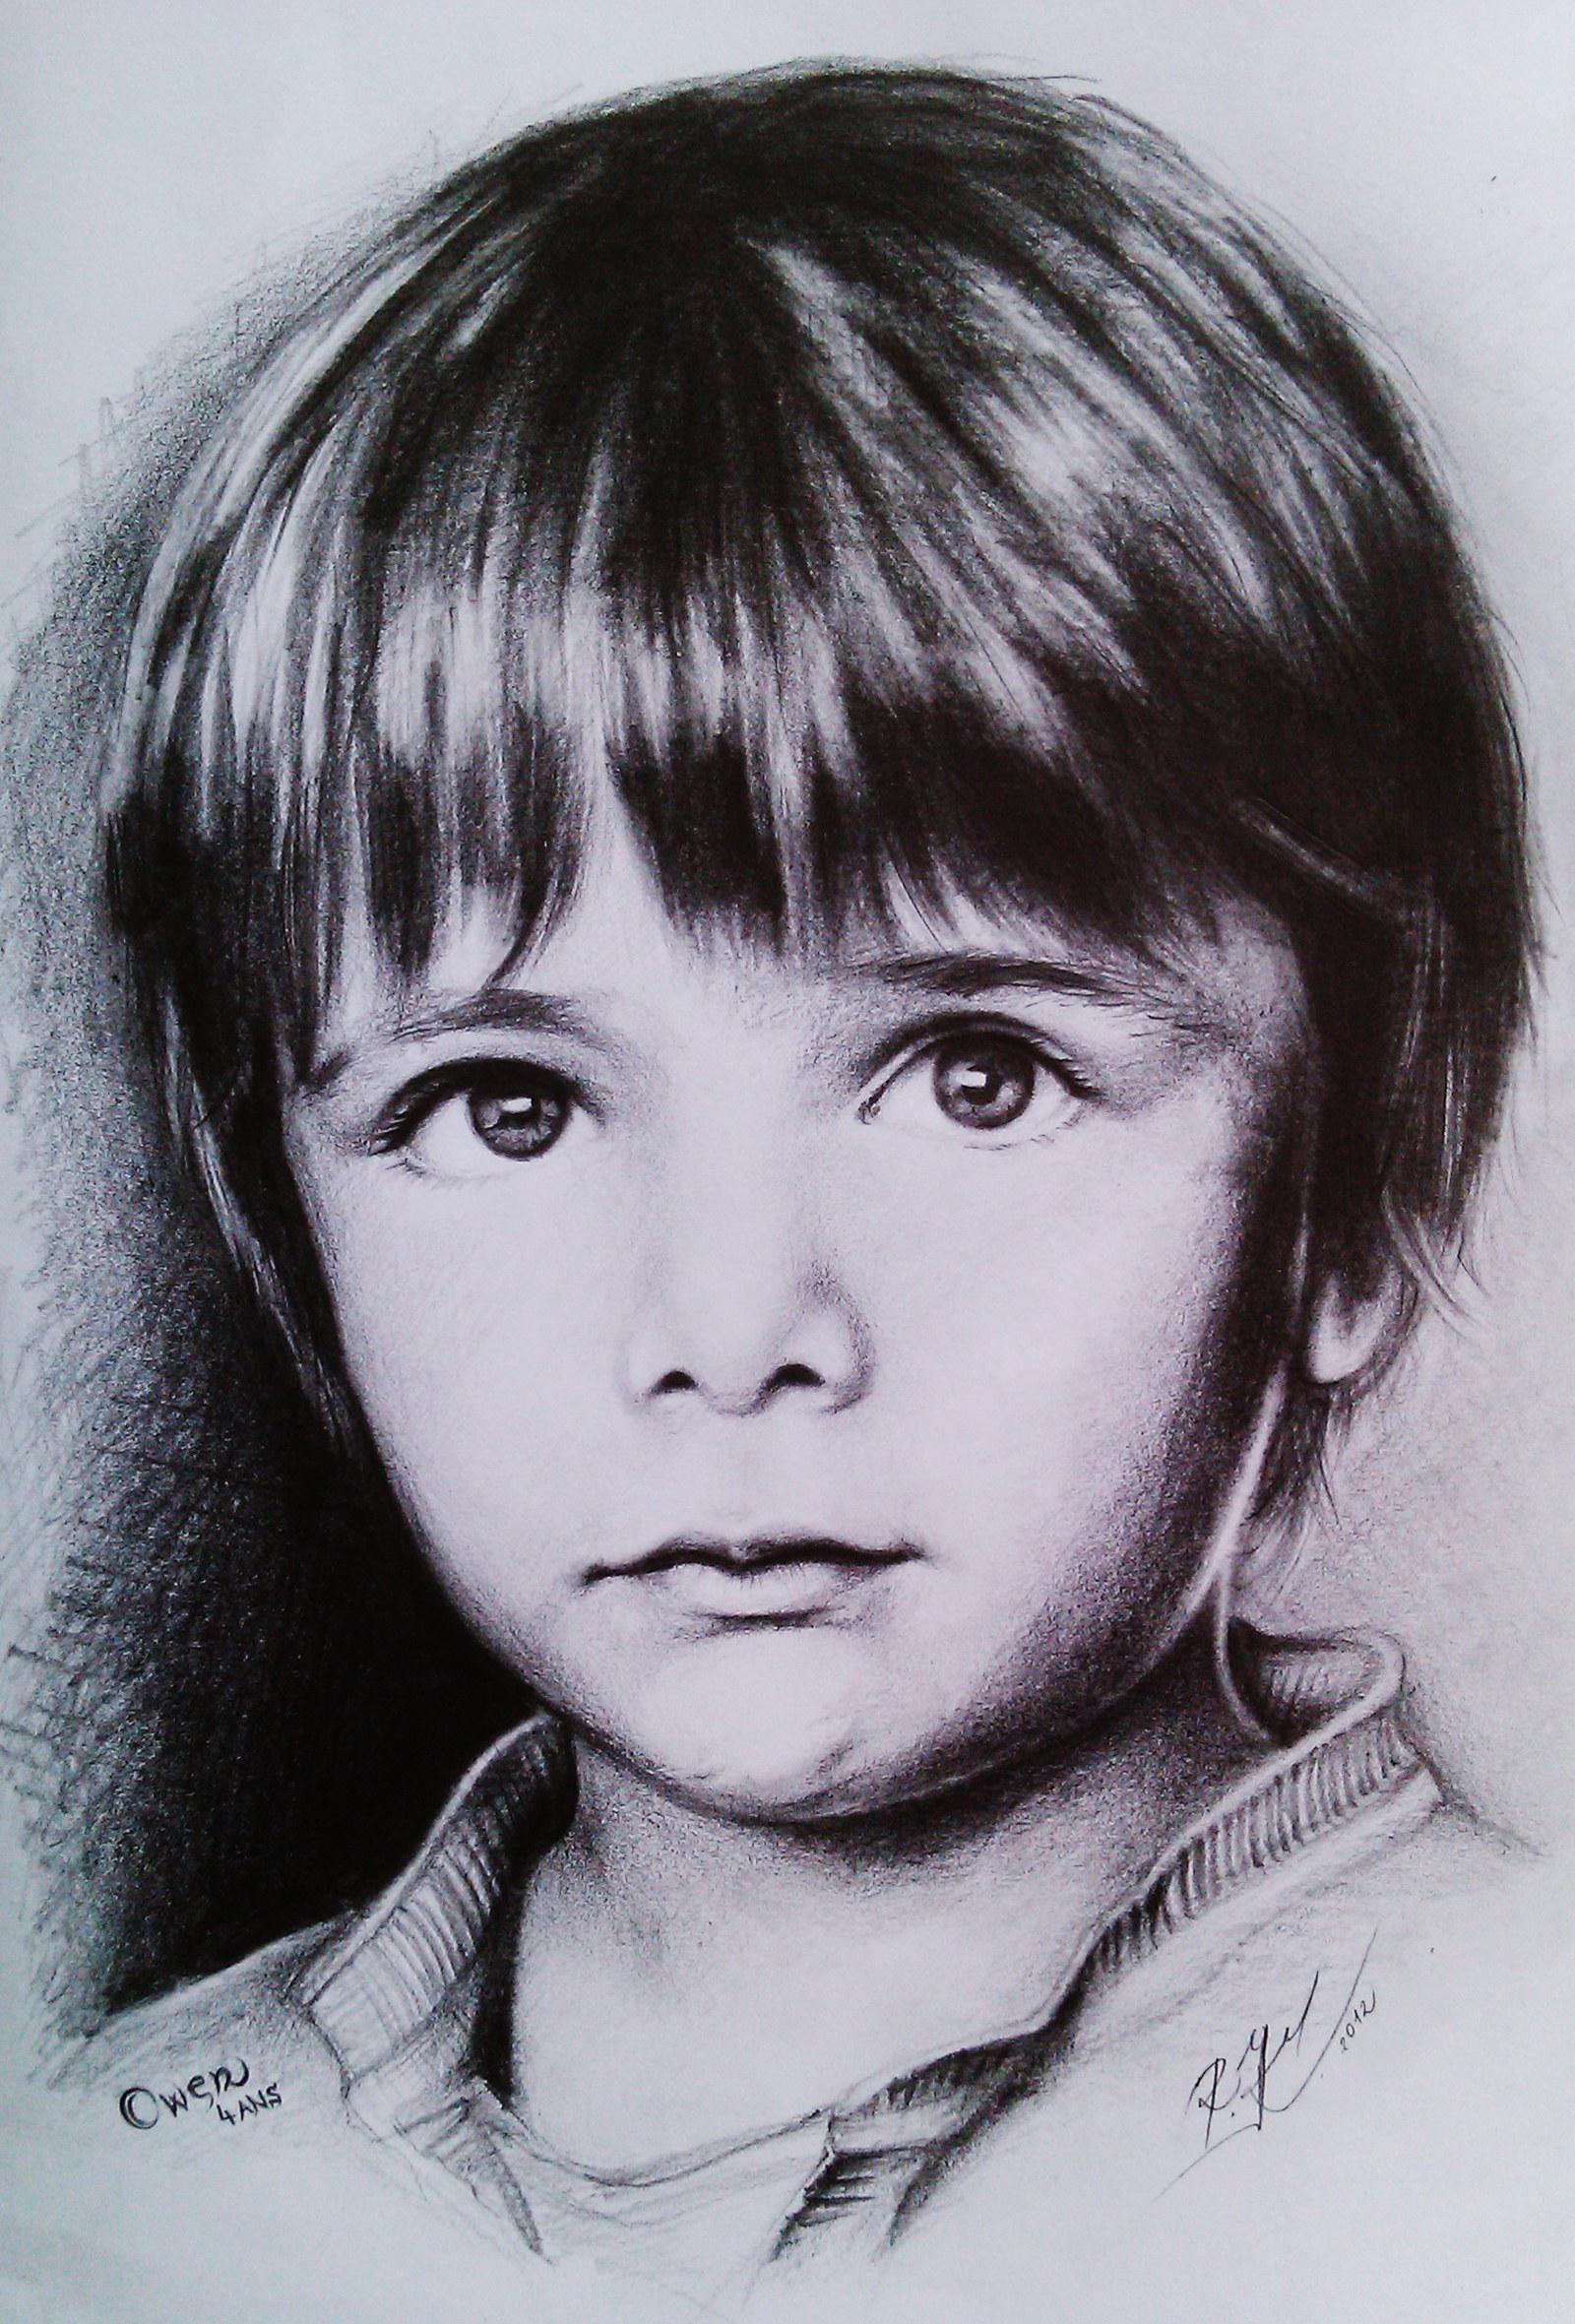 Kresba Portretu Dle Fotografie Tuzka Format A3 Jedna Portretovana